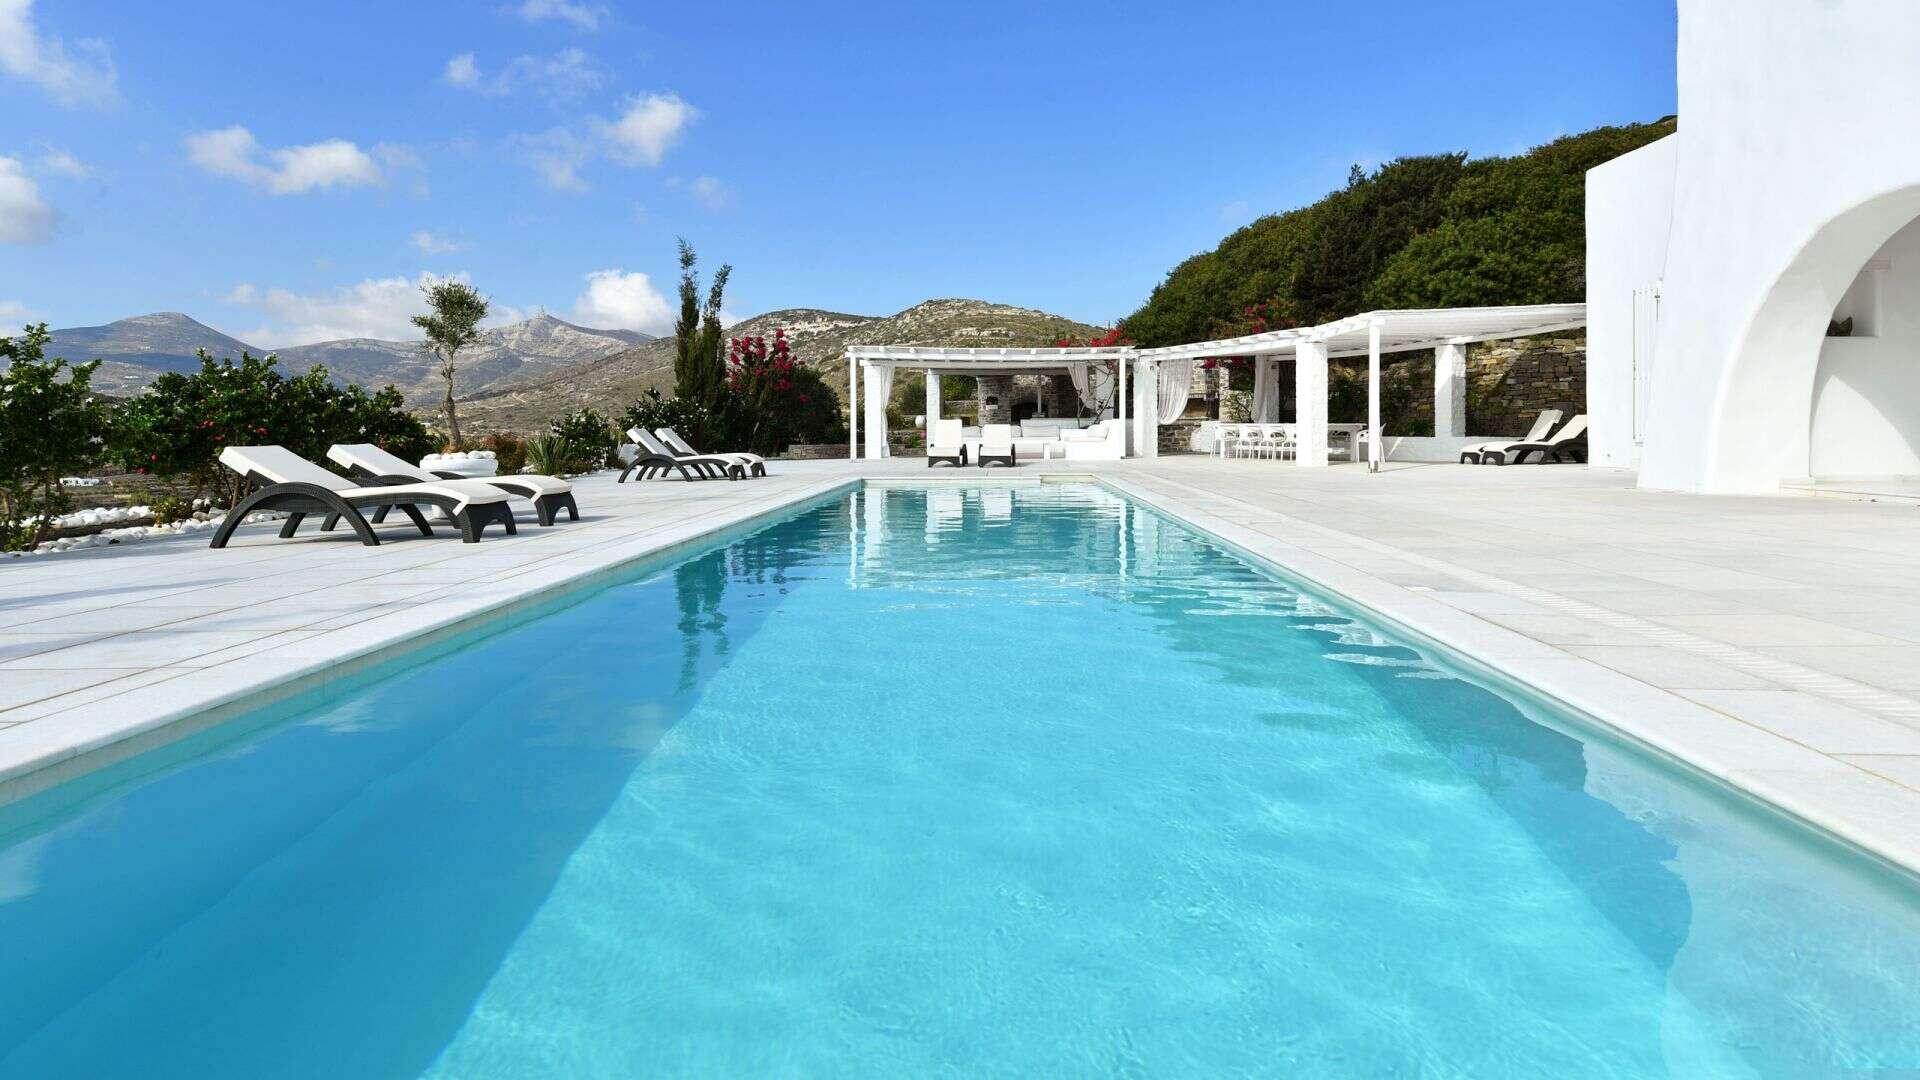 Luxury vacation rentals europe - Greece - Par os - Kostos area - La Luna - Image 1/24